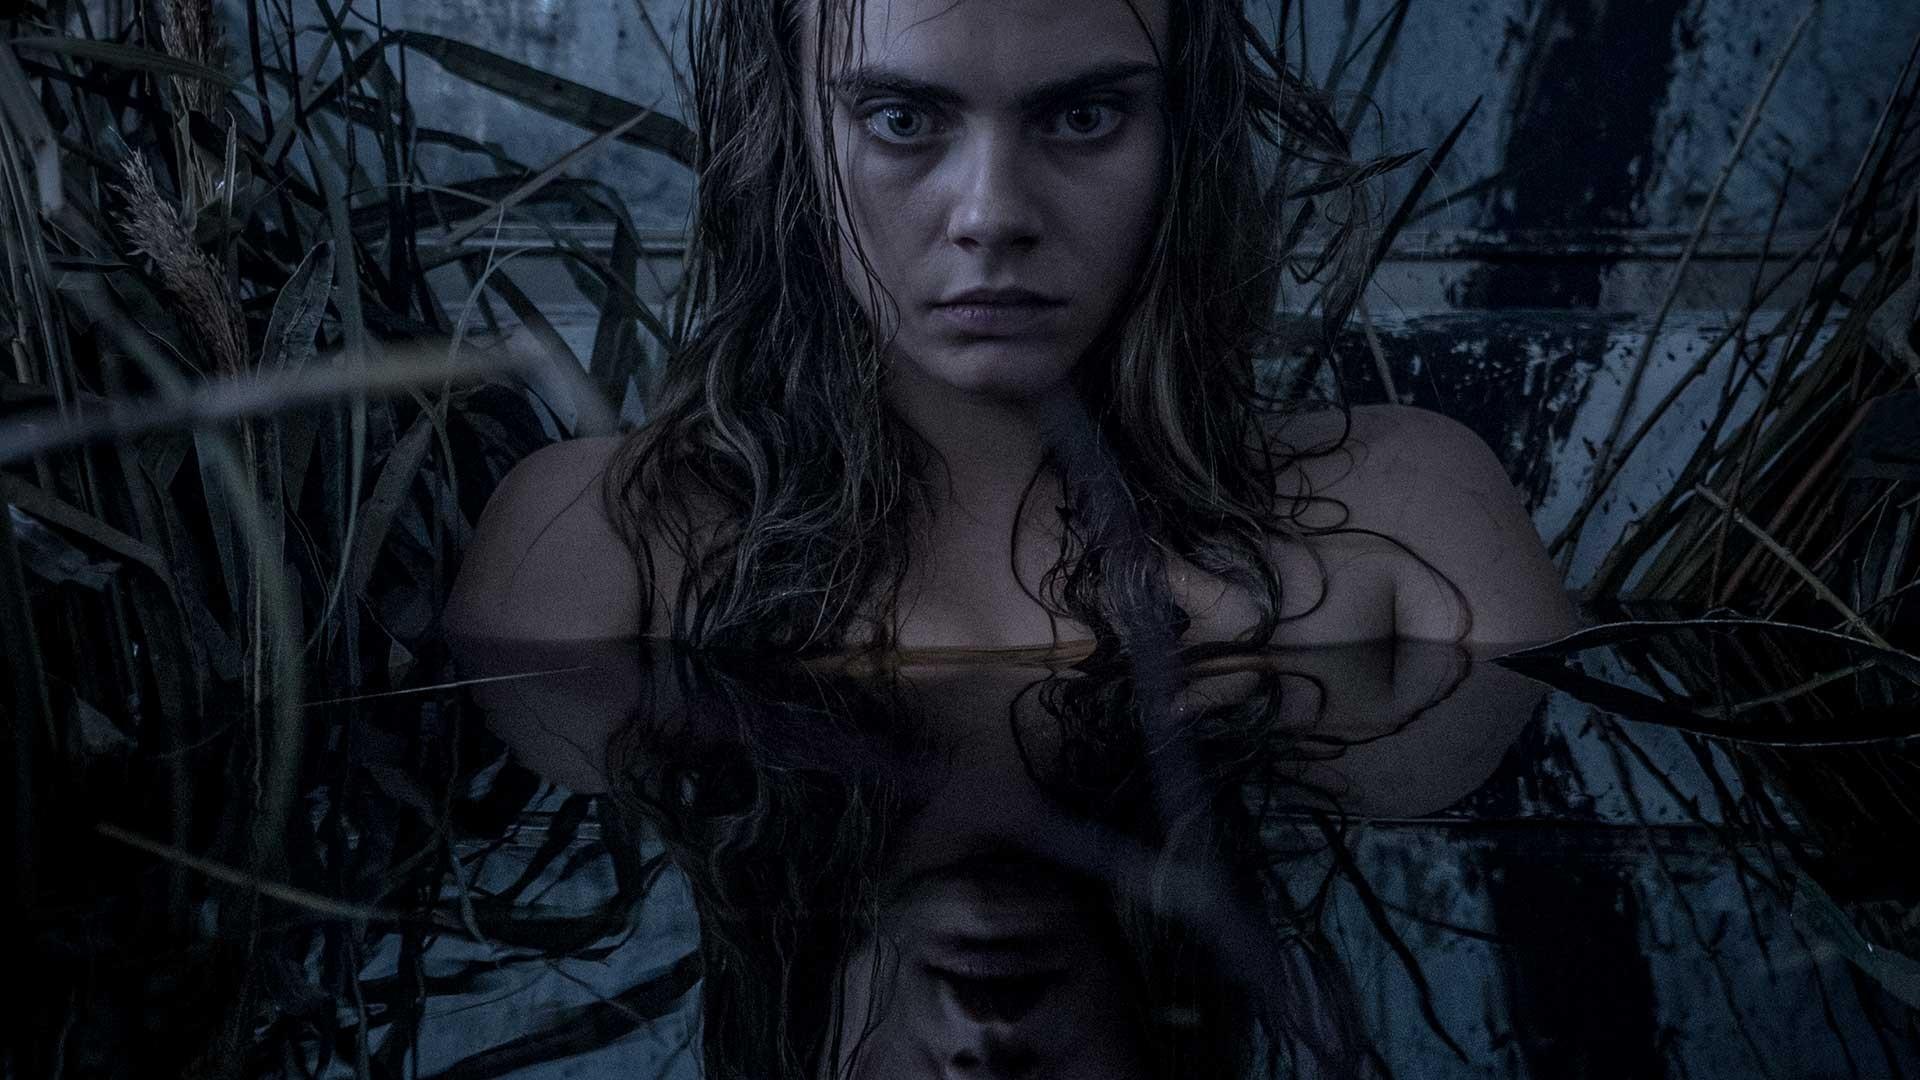 《自殺突擊隊》魅惑女巫卡拉迪樂芬妮(Cara Delevingne)來頭不小!是超模還有超正女友。(圖/翻攝自網路)